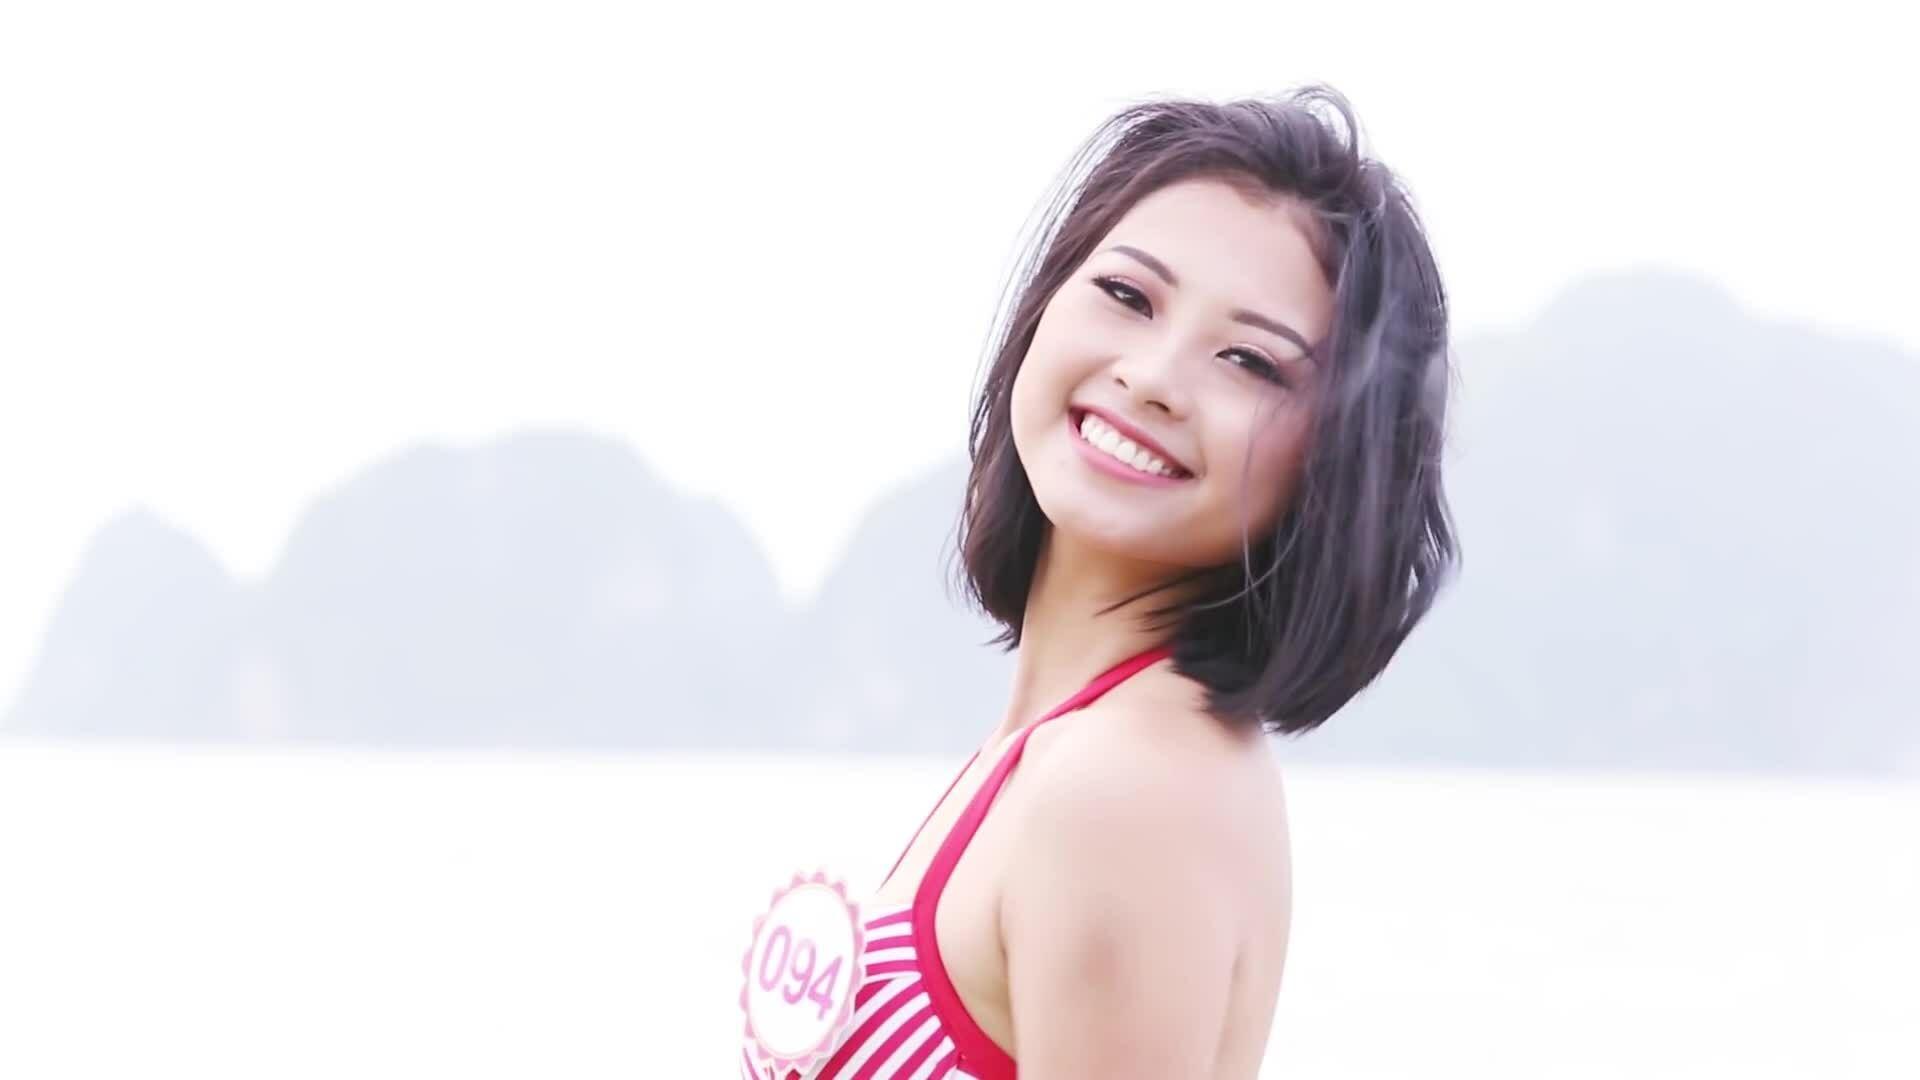 Thu Hà, Tường Linh vào top 60 Hoa hậu Hoàn vũ VN